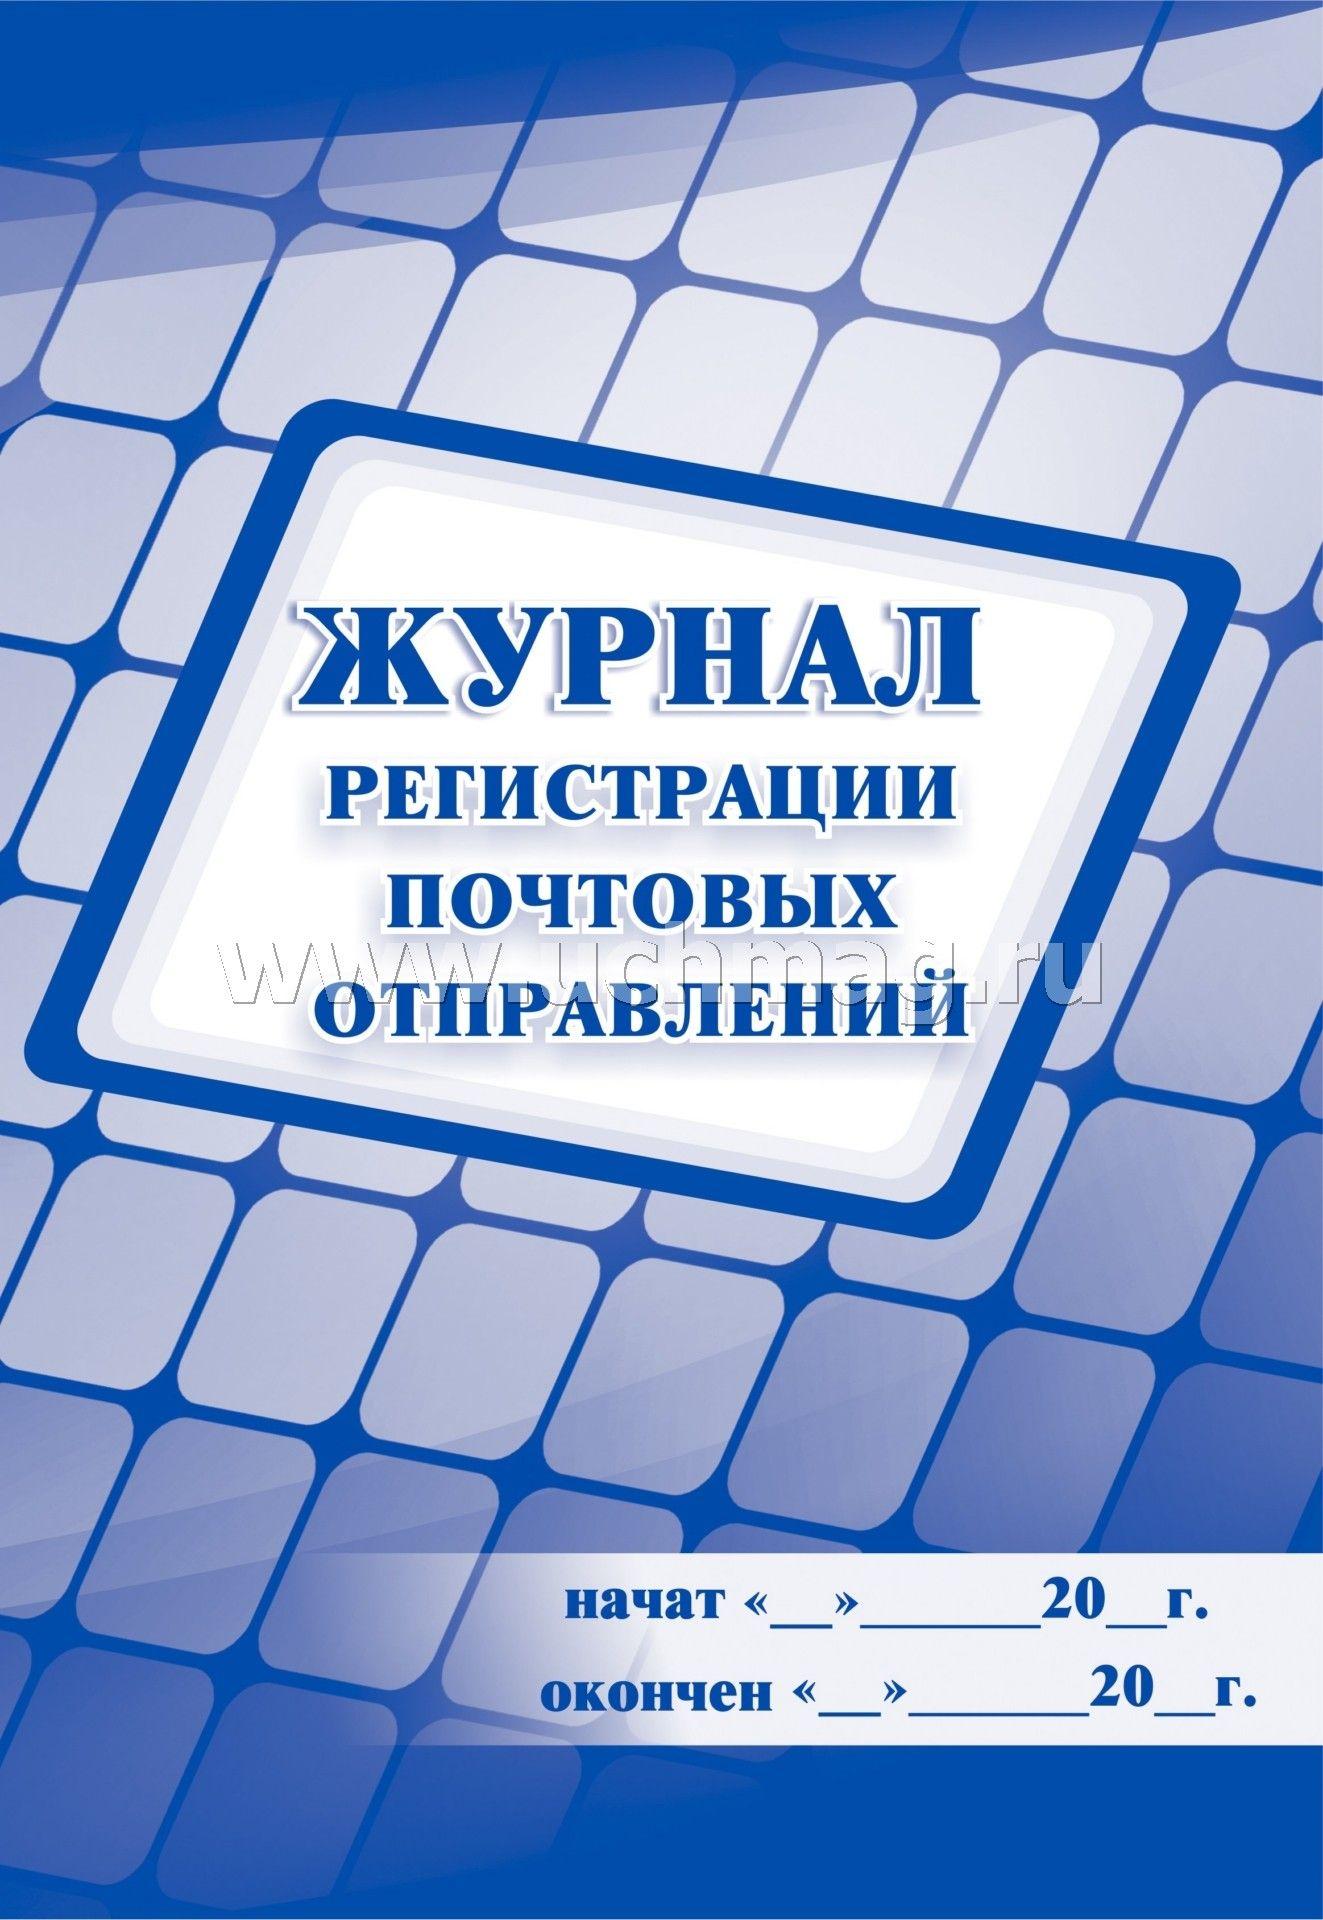 Журнал регистрации почтовых отправлений